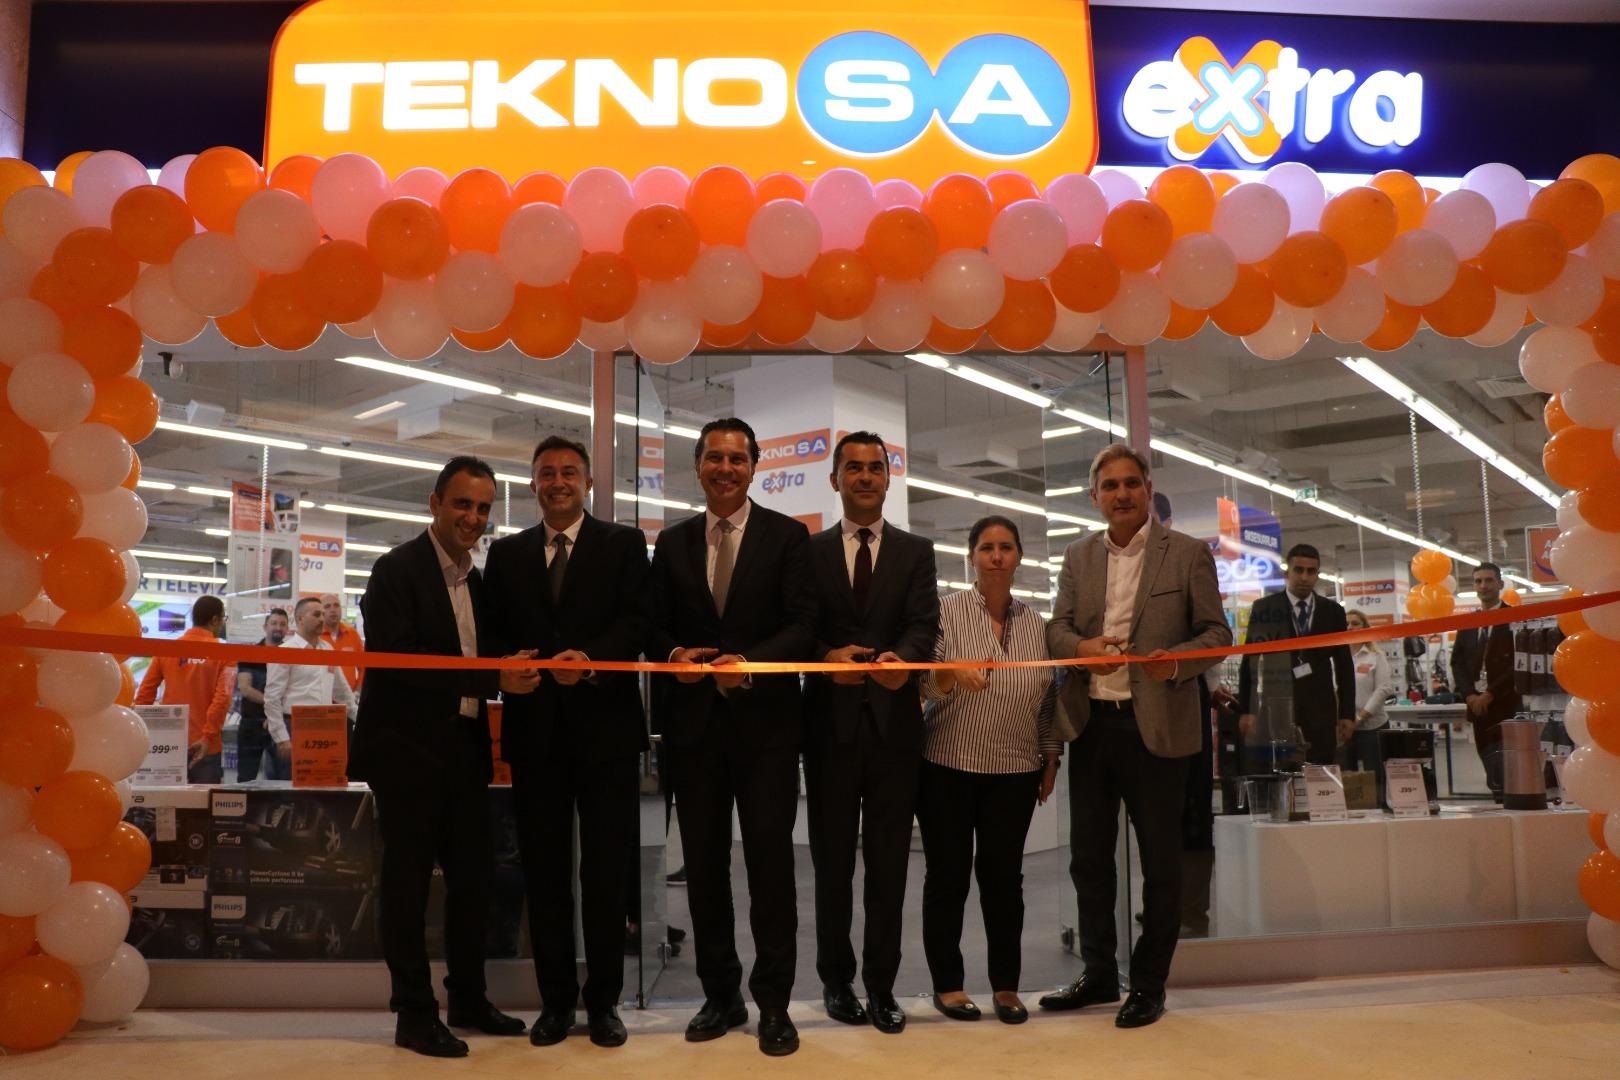 Adana'ya Teknosa'dan 6. Mağaza yatırımı